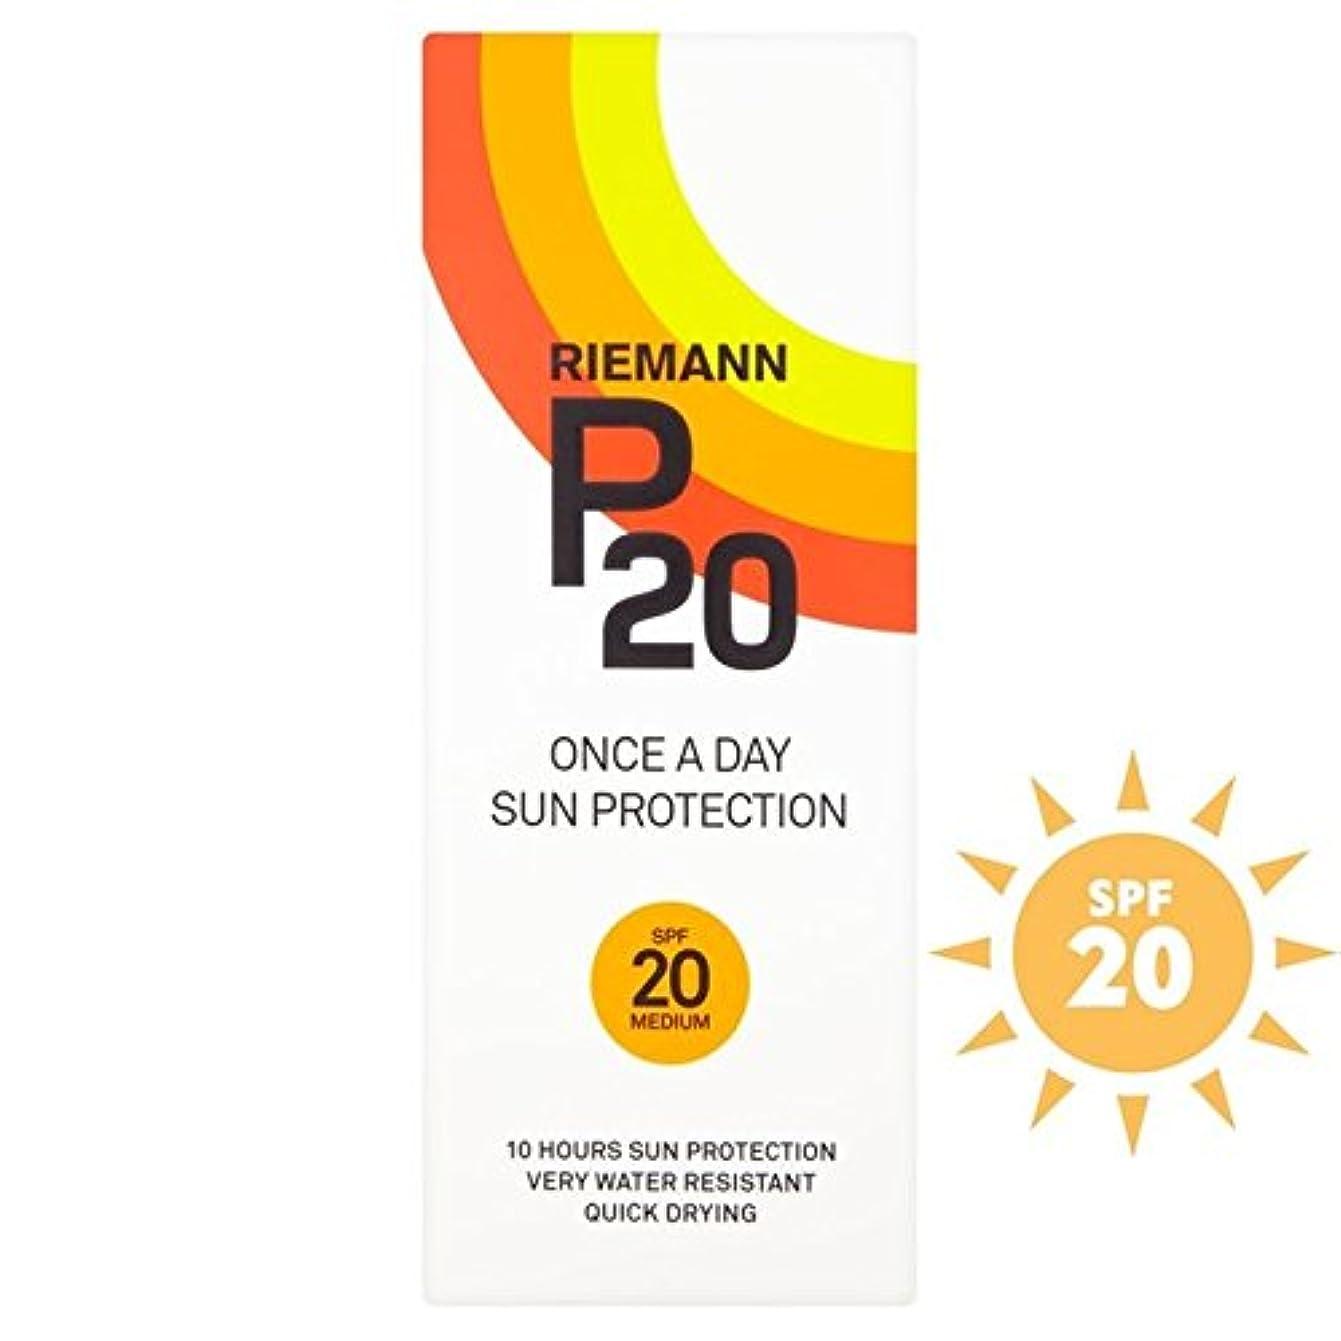 帆ランプ詩リーマン20 20 1日/ 10時間の保護200ミリリットル x4 - Riemann P20 SPF20 1 Day/10 Hour Protection 200ml (Pack of 4) [並行輸入品]